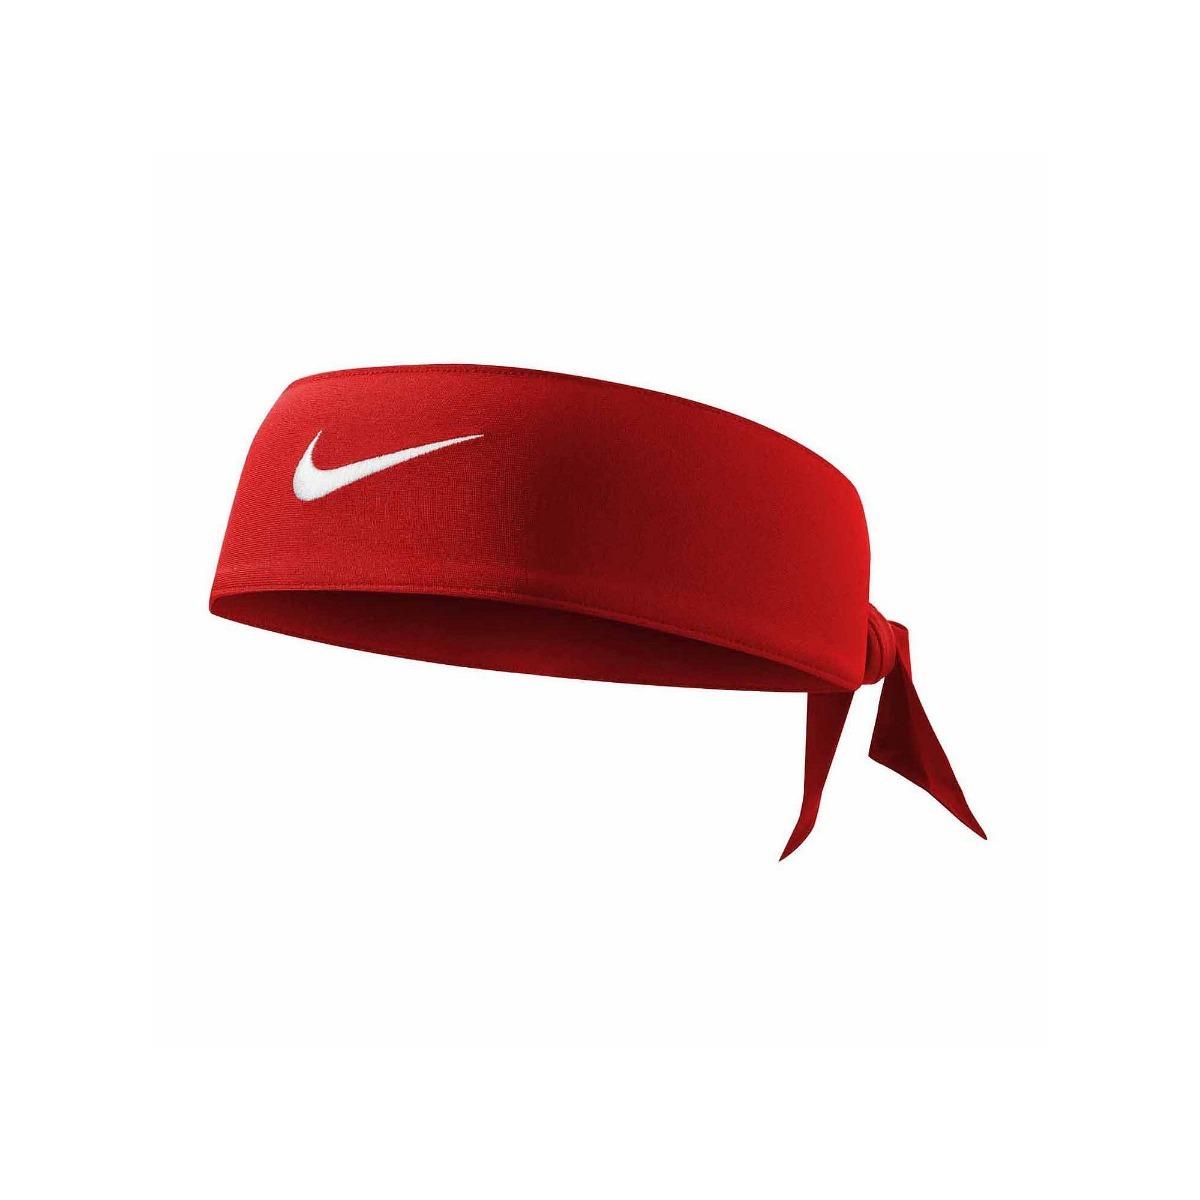 Bandana Nike Dri-fit Head Tie Vermelha - R  91 0c2d2af6bb0